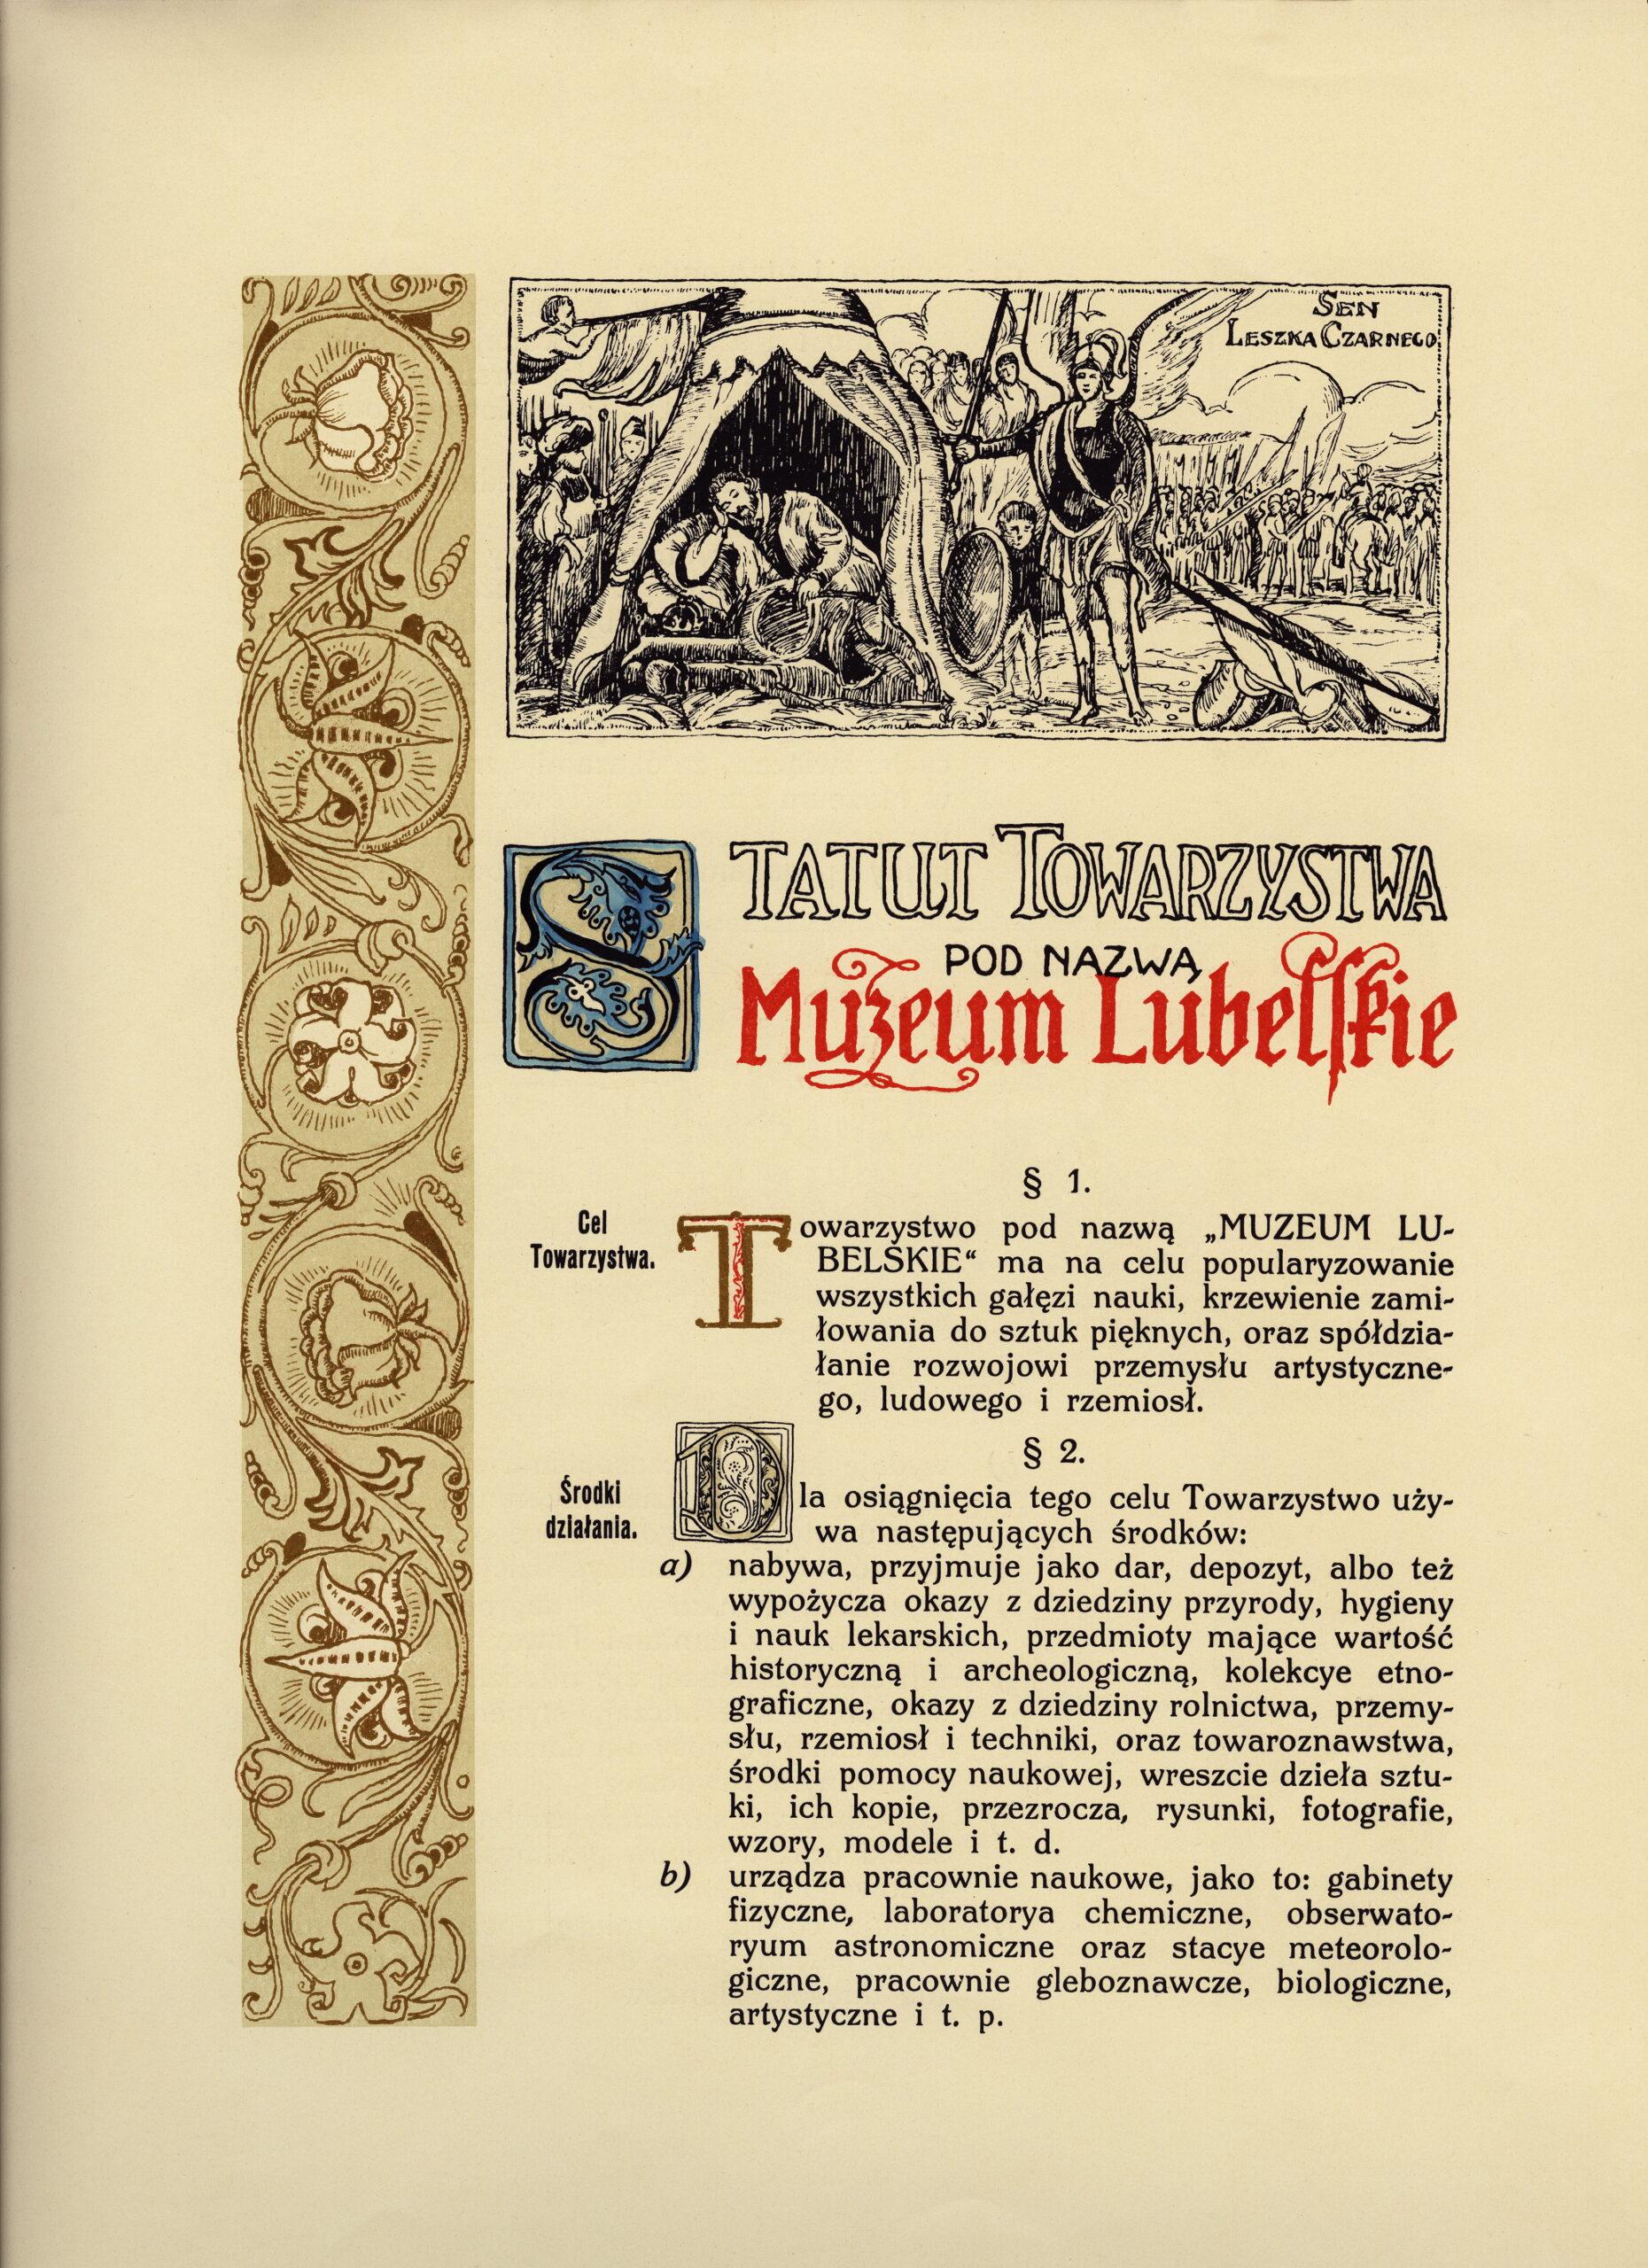 Pierwsza strona tekstu Statutu Towarzystwa pod nazwą Muzeum Lubelskie. Na górze grafika przedstawiająca